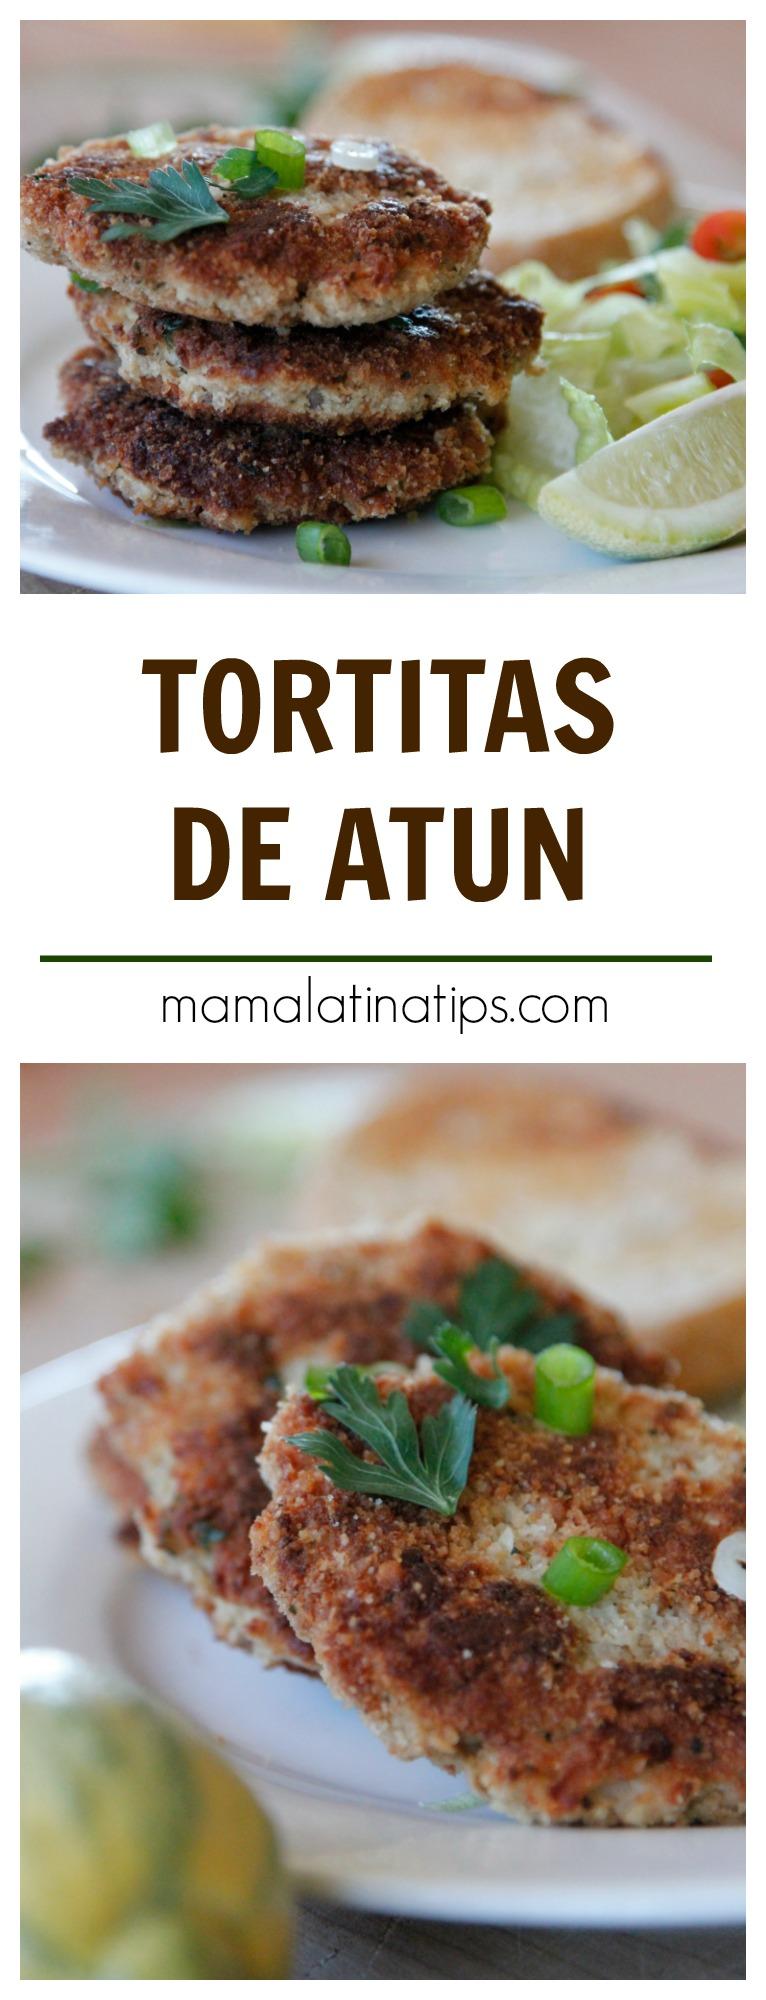 Fáciles de hacer y deliciosas, las tortitas de atún son ideales para toda la familia, especialmente para los niños. Tienen un delicado balance entre crujiente y un relleno suave. Perfectas para la cuaresma. #cuaresma #recetasmamalatinatips #tortitasdeatun #atun